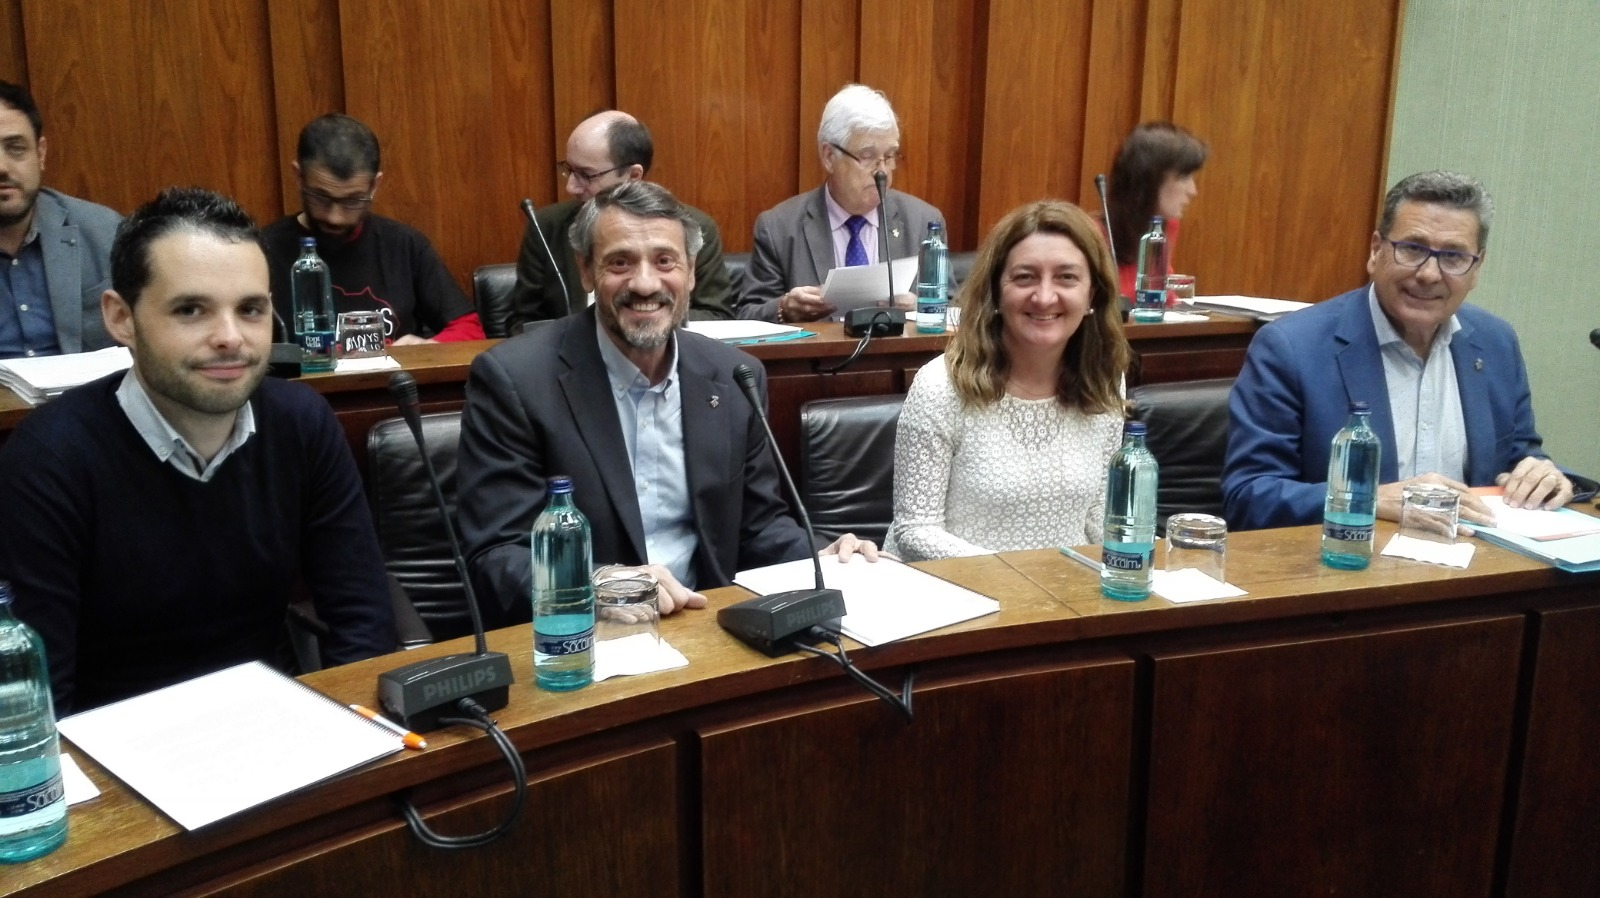 Los cuatro concejales de Cs en l'Hospitalet de Llobregat durante el pleno municipal de marzo